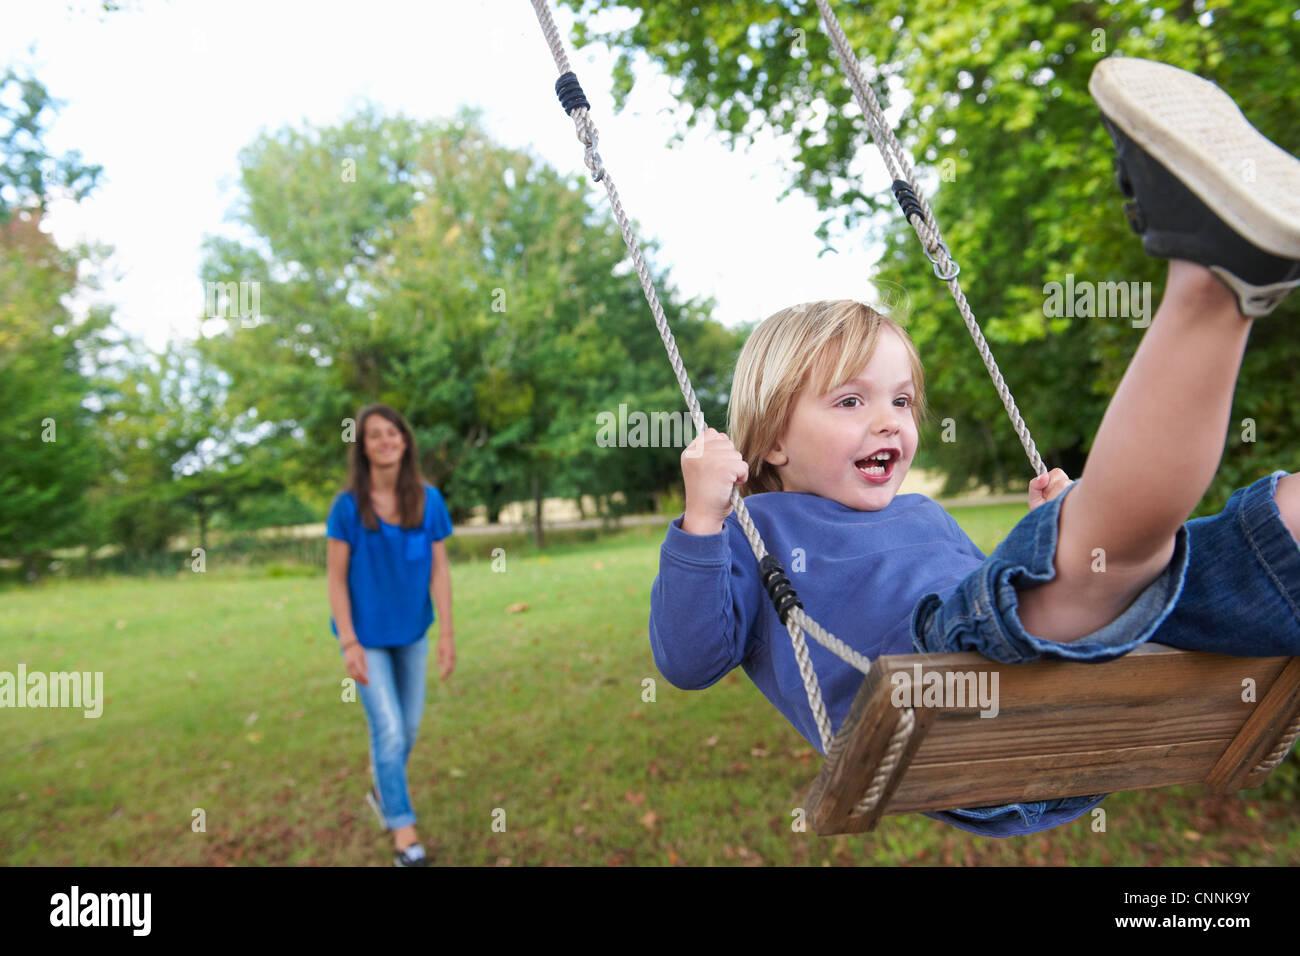 Garçon jouant sur swing in backyard Banque D'Images